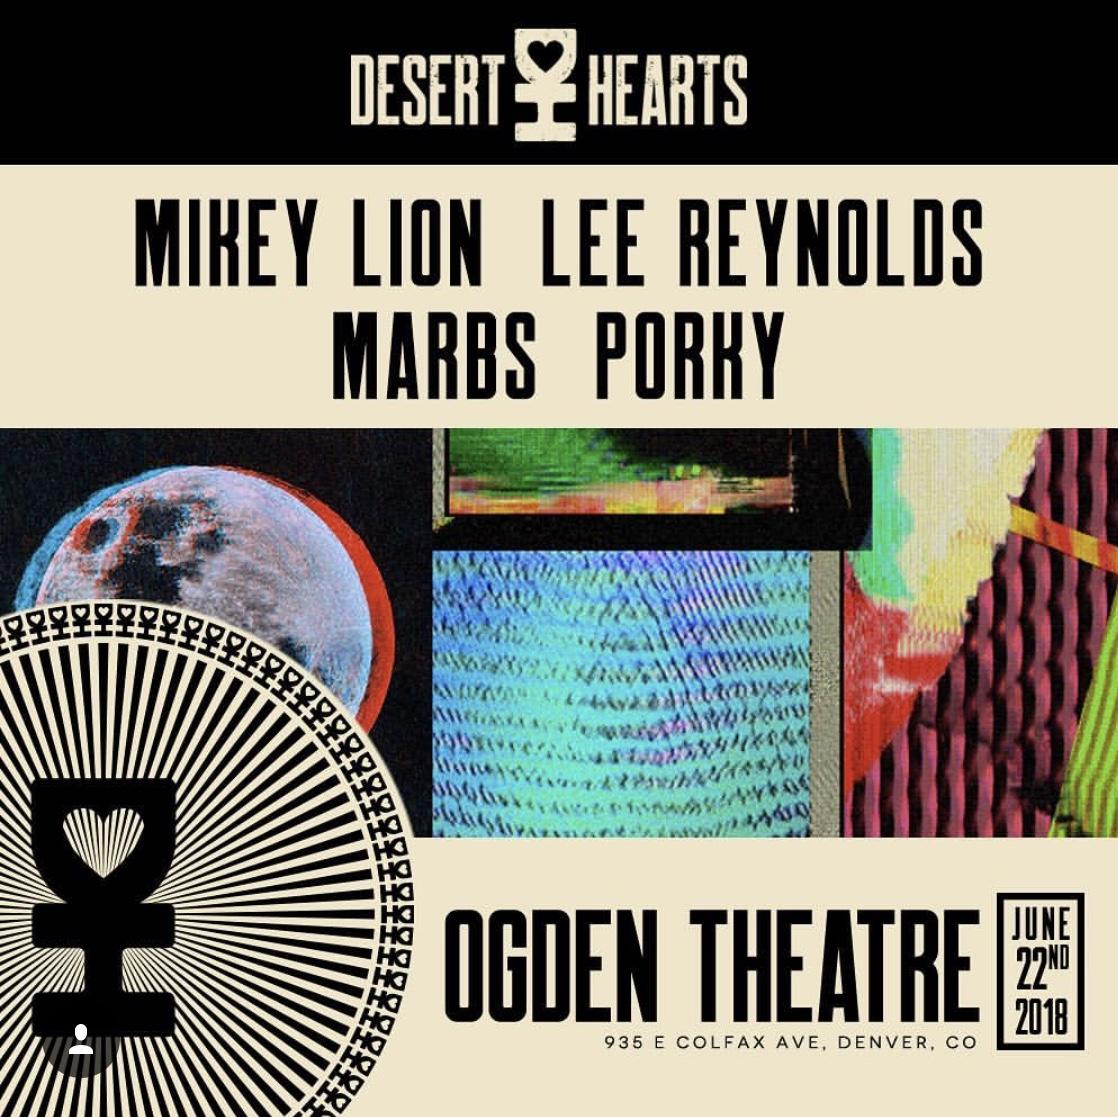 20180622 - Ogden Theatre.jpg